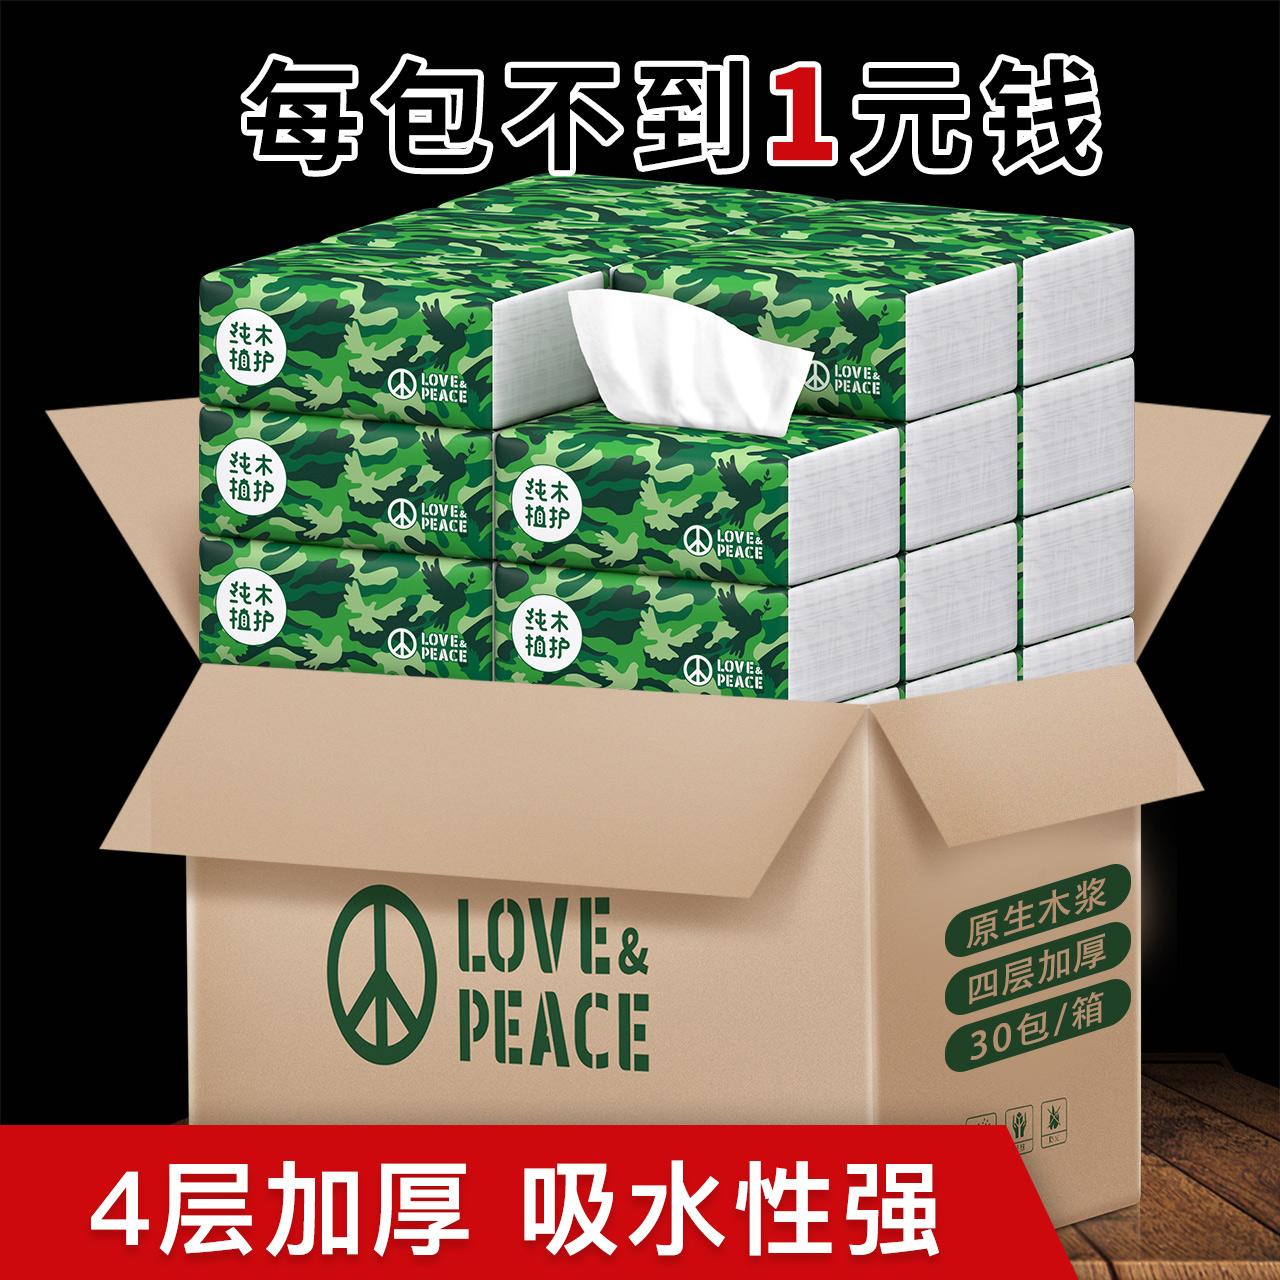 抽纸批发整箱30包植护家庭装婴儿卫生纸巾家用餐巾纸面巾纸实惠